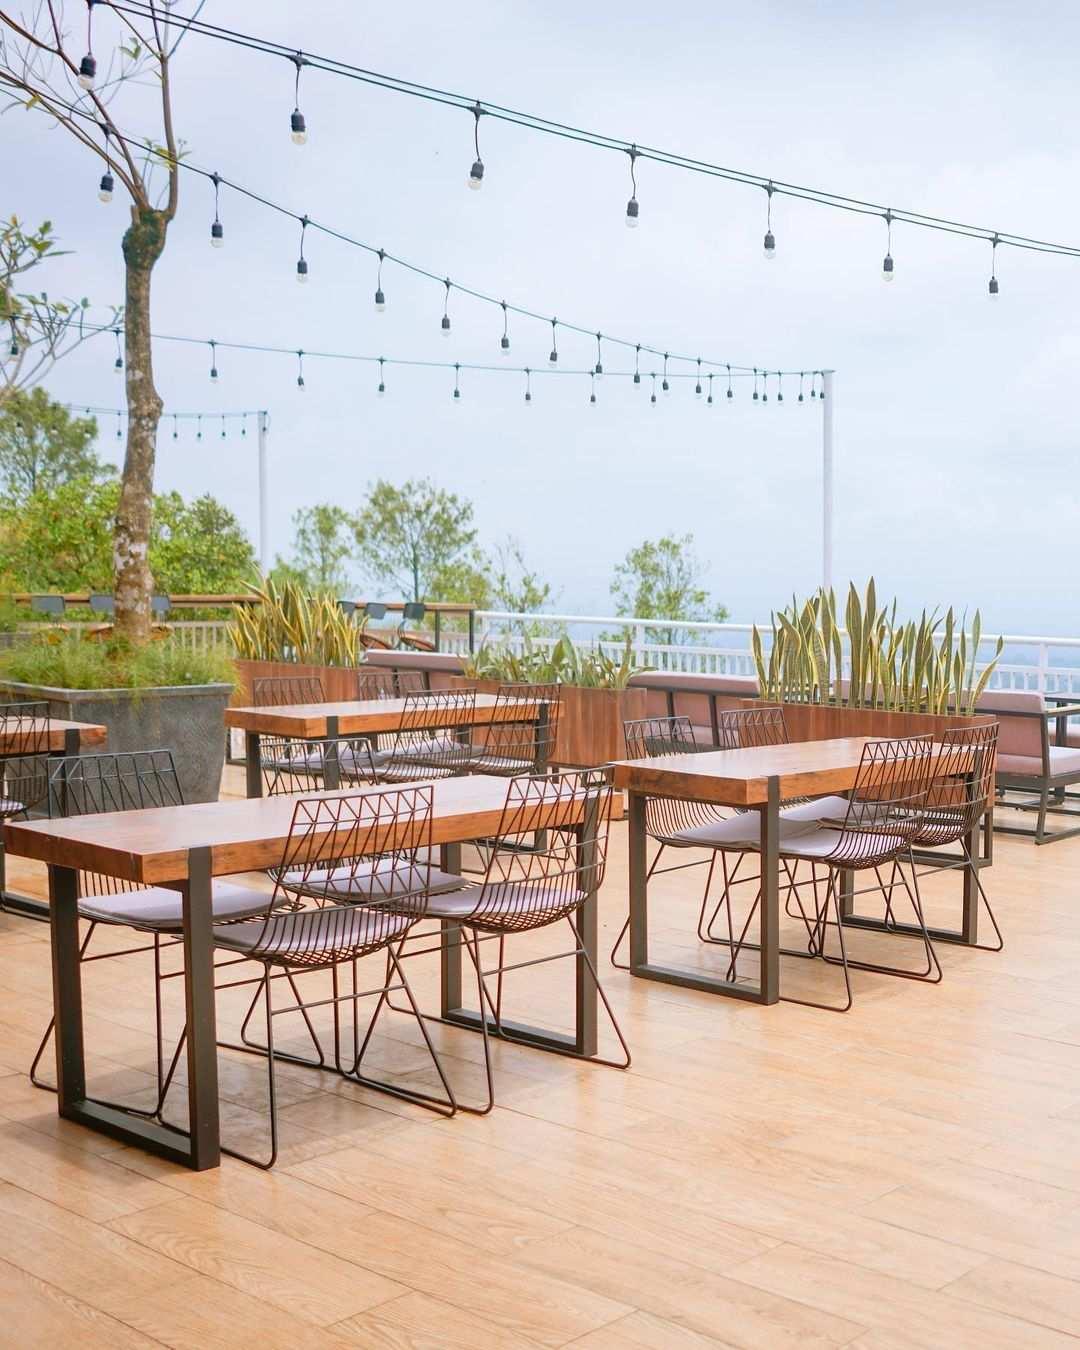 Meja Kursi di Taman Langit Cafe Purwokerto Image From @tamanlangitcafe